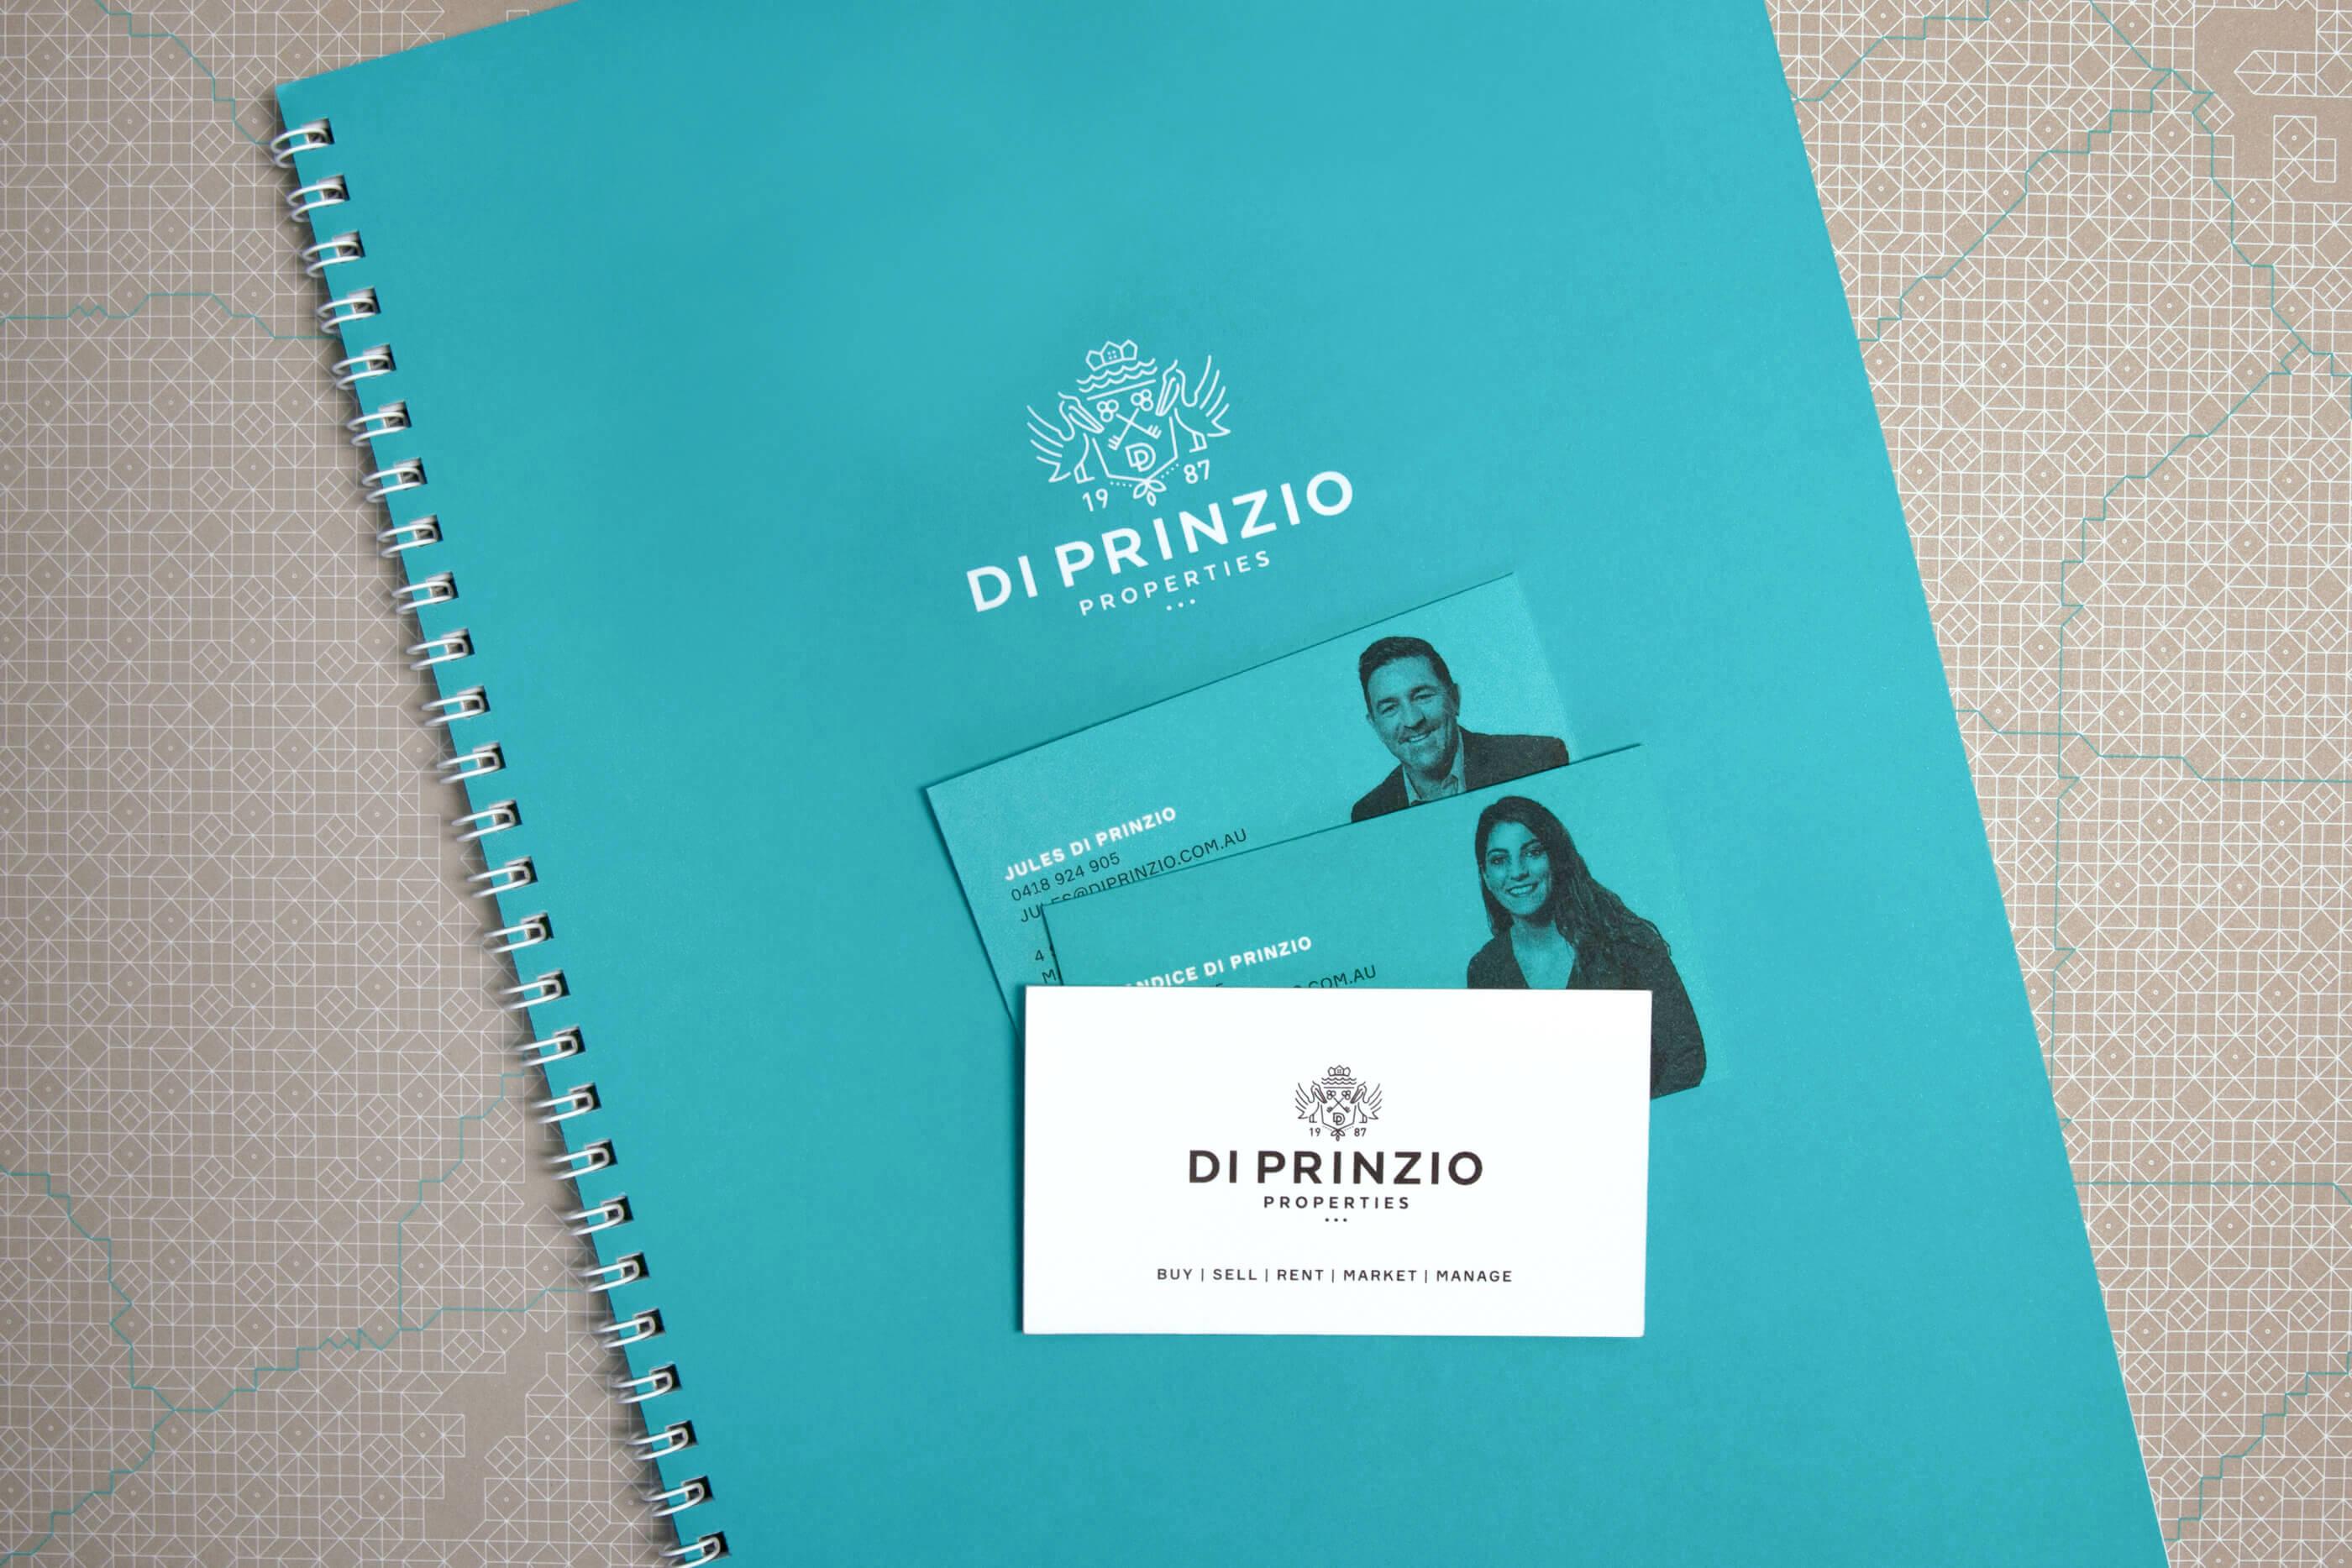 Diprinzio-cover-design